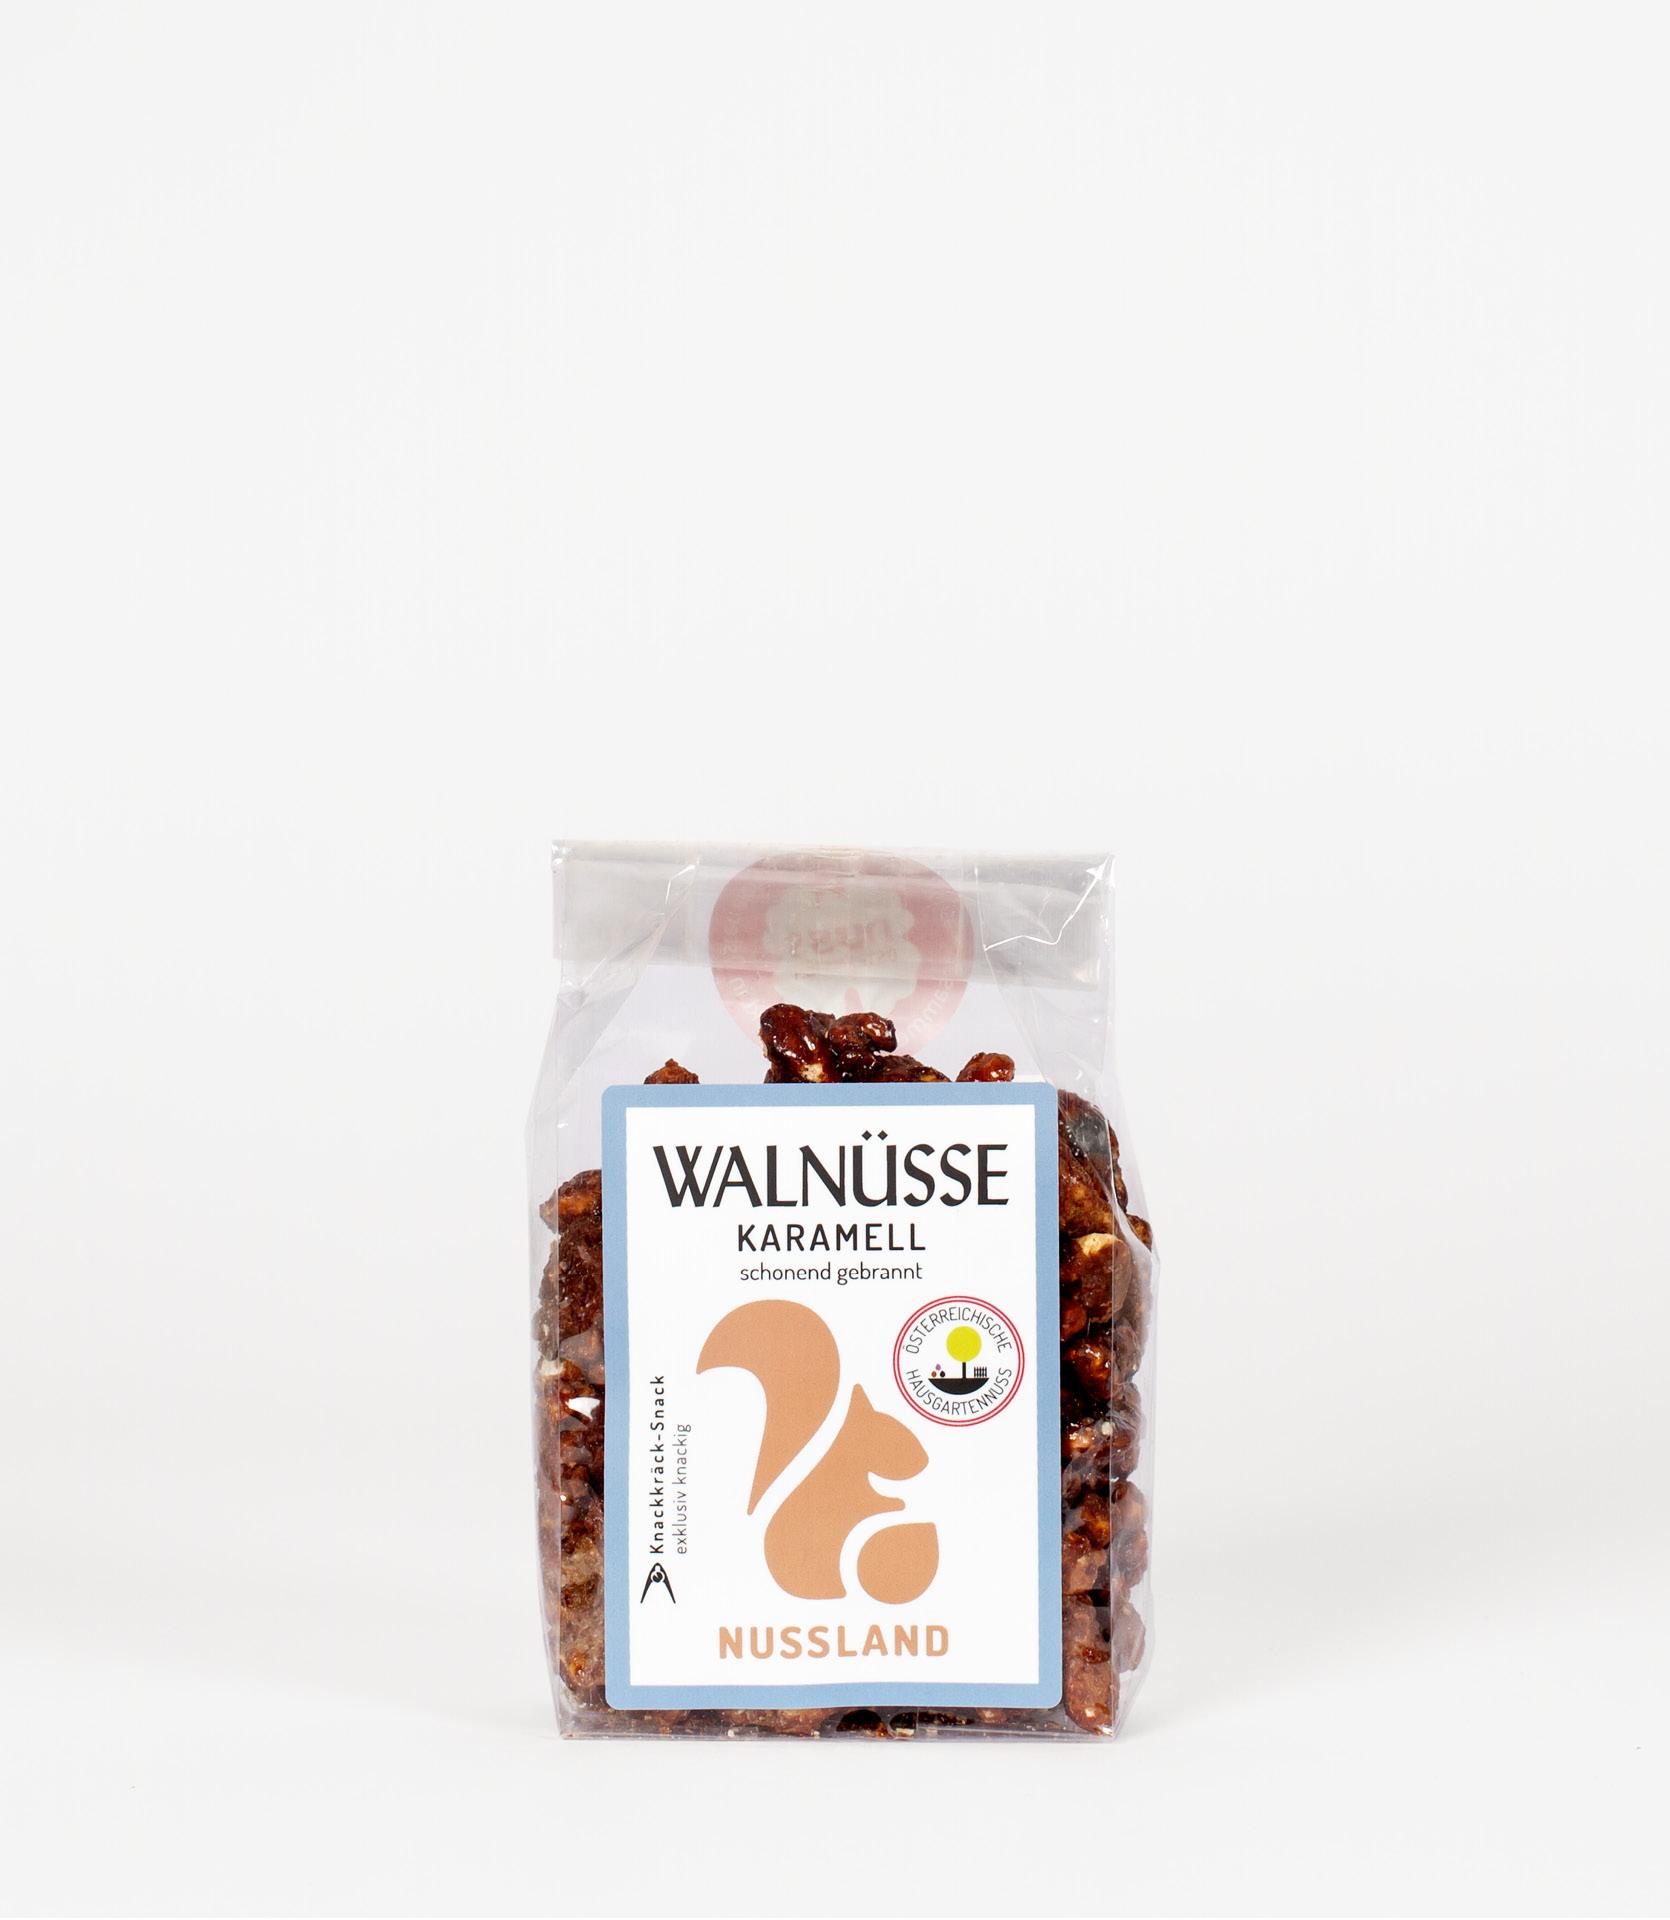 Walnüsse - Nussland / Karamell